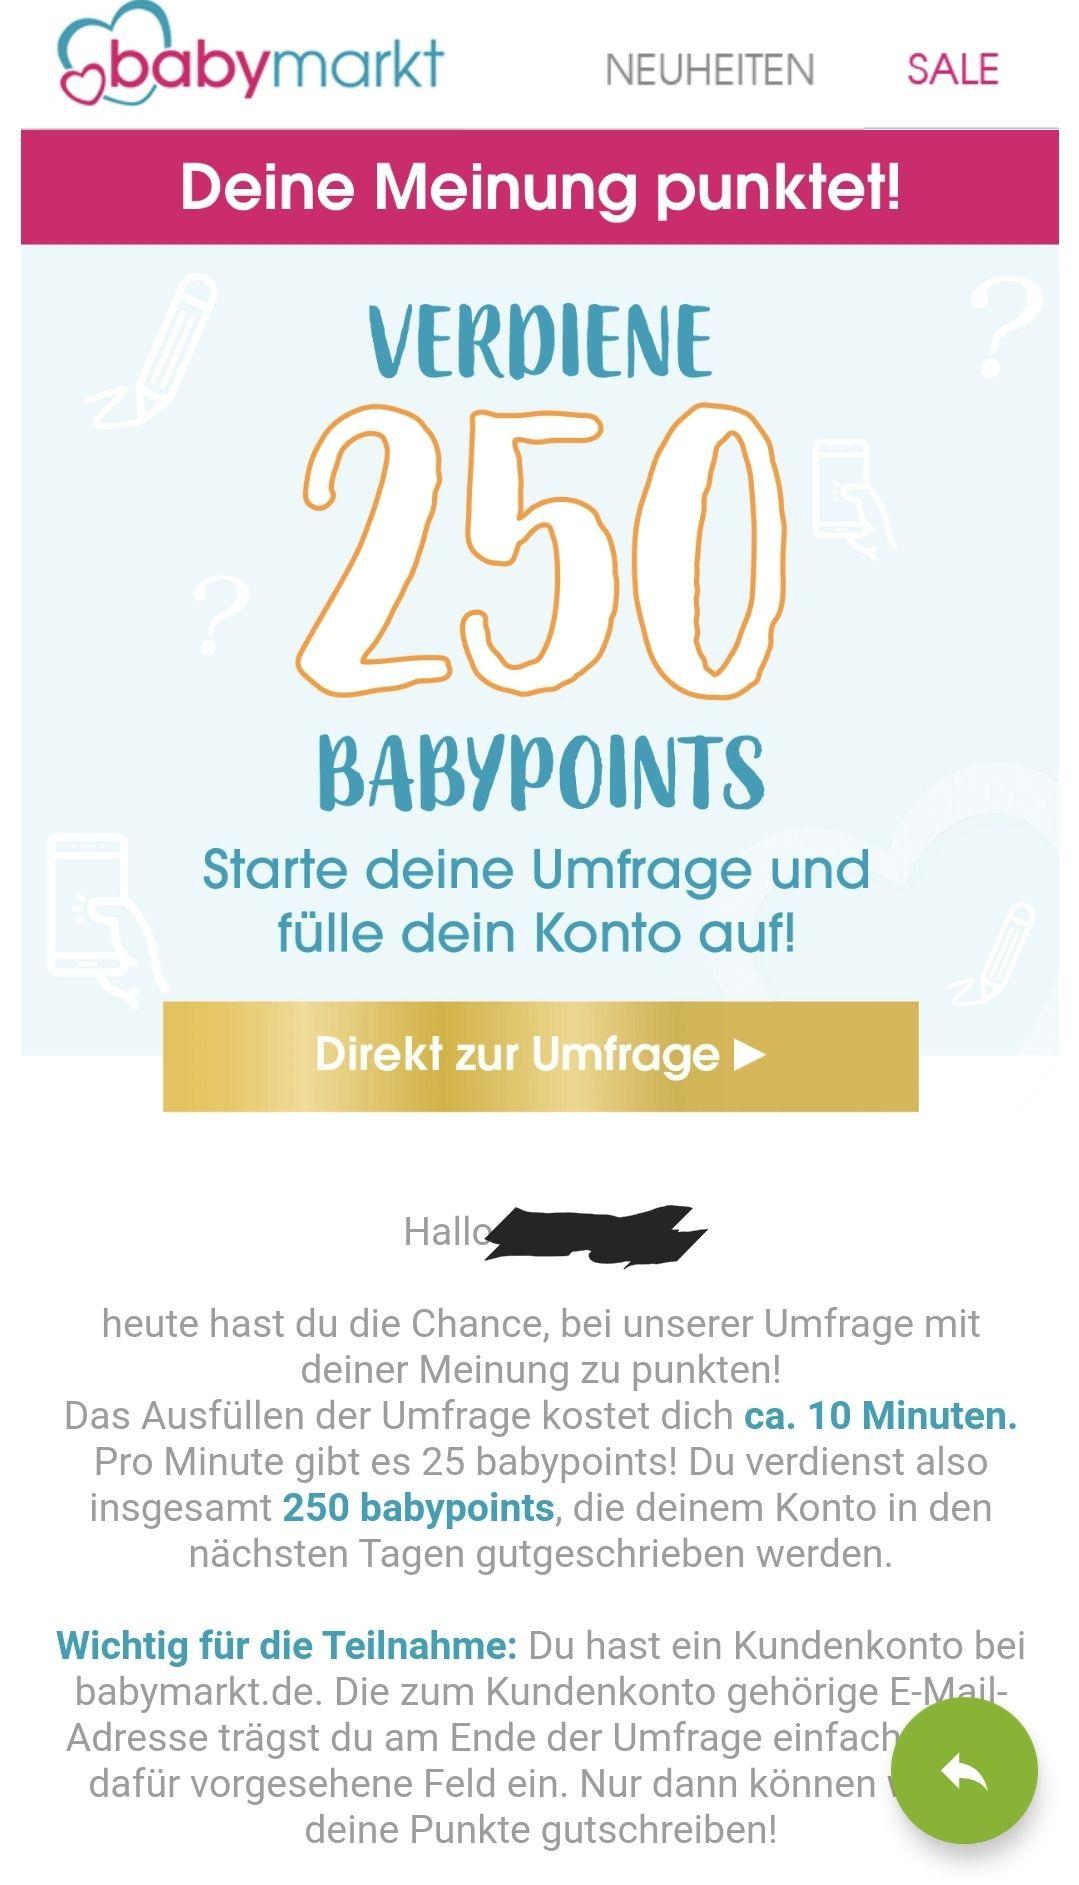 Umfrage bei babymarkt für 250 babypoints